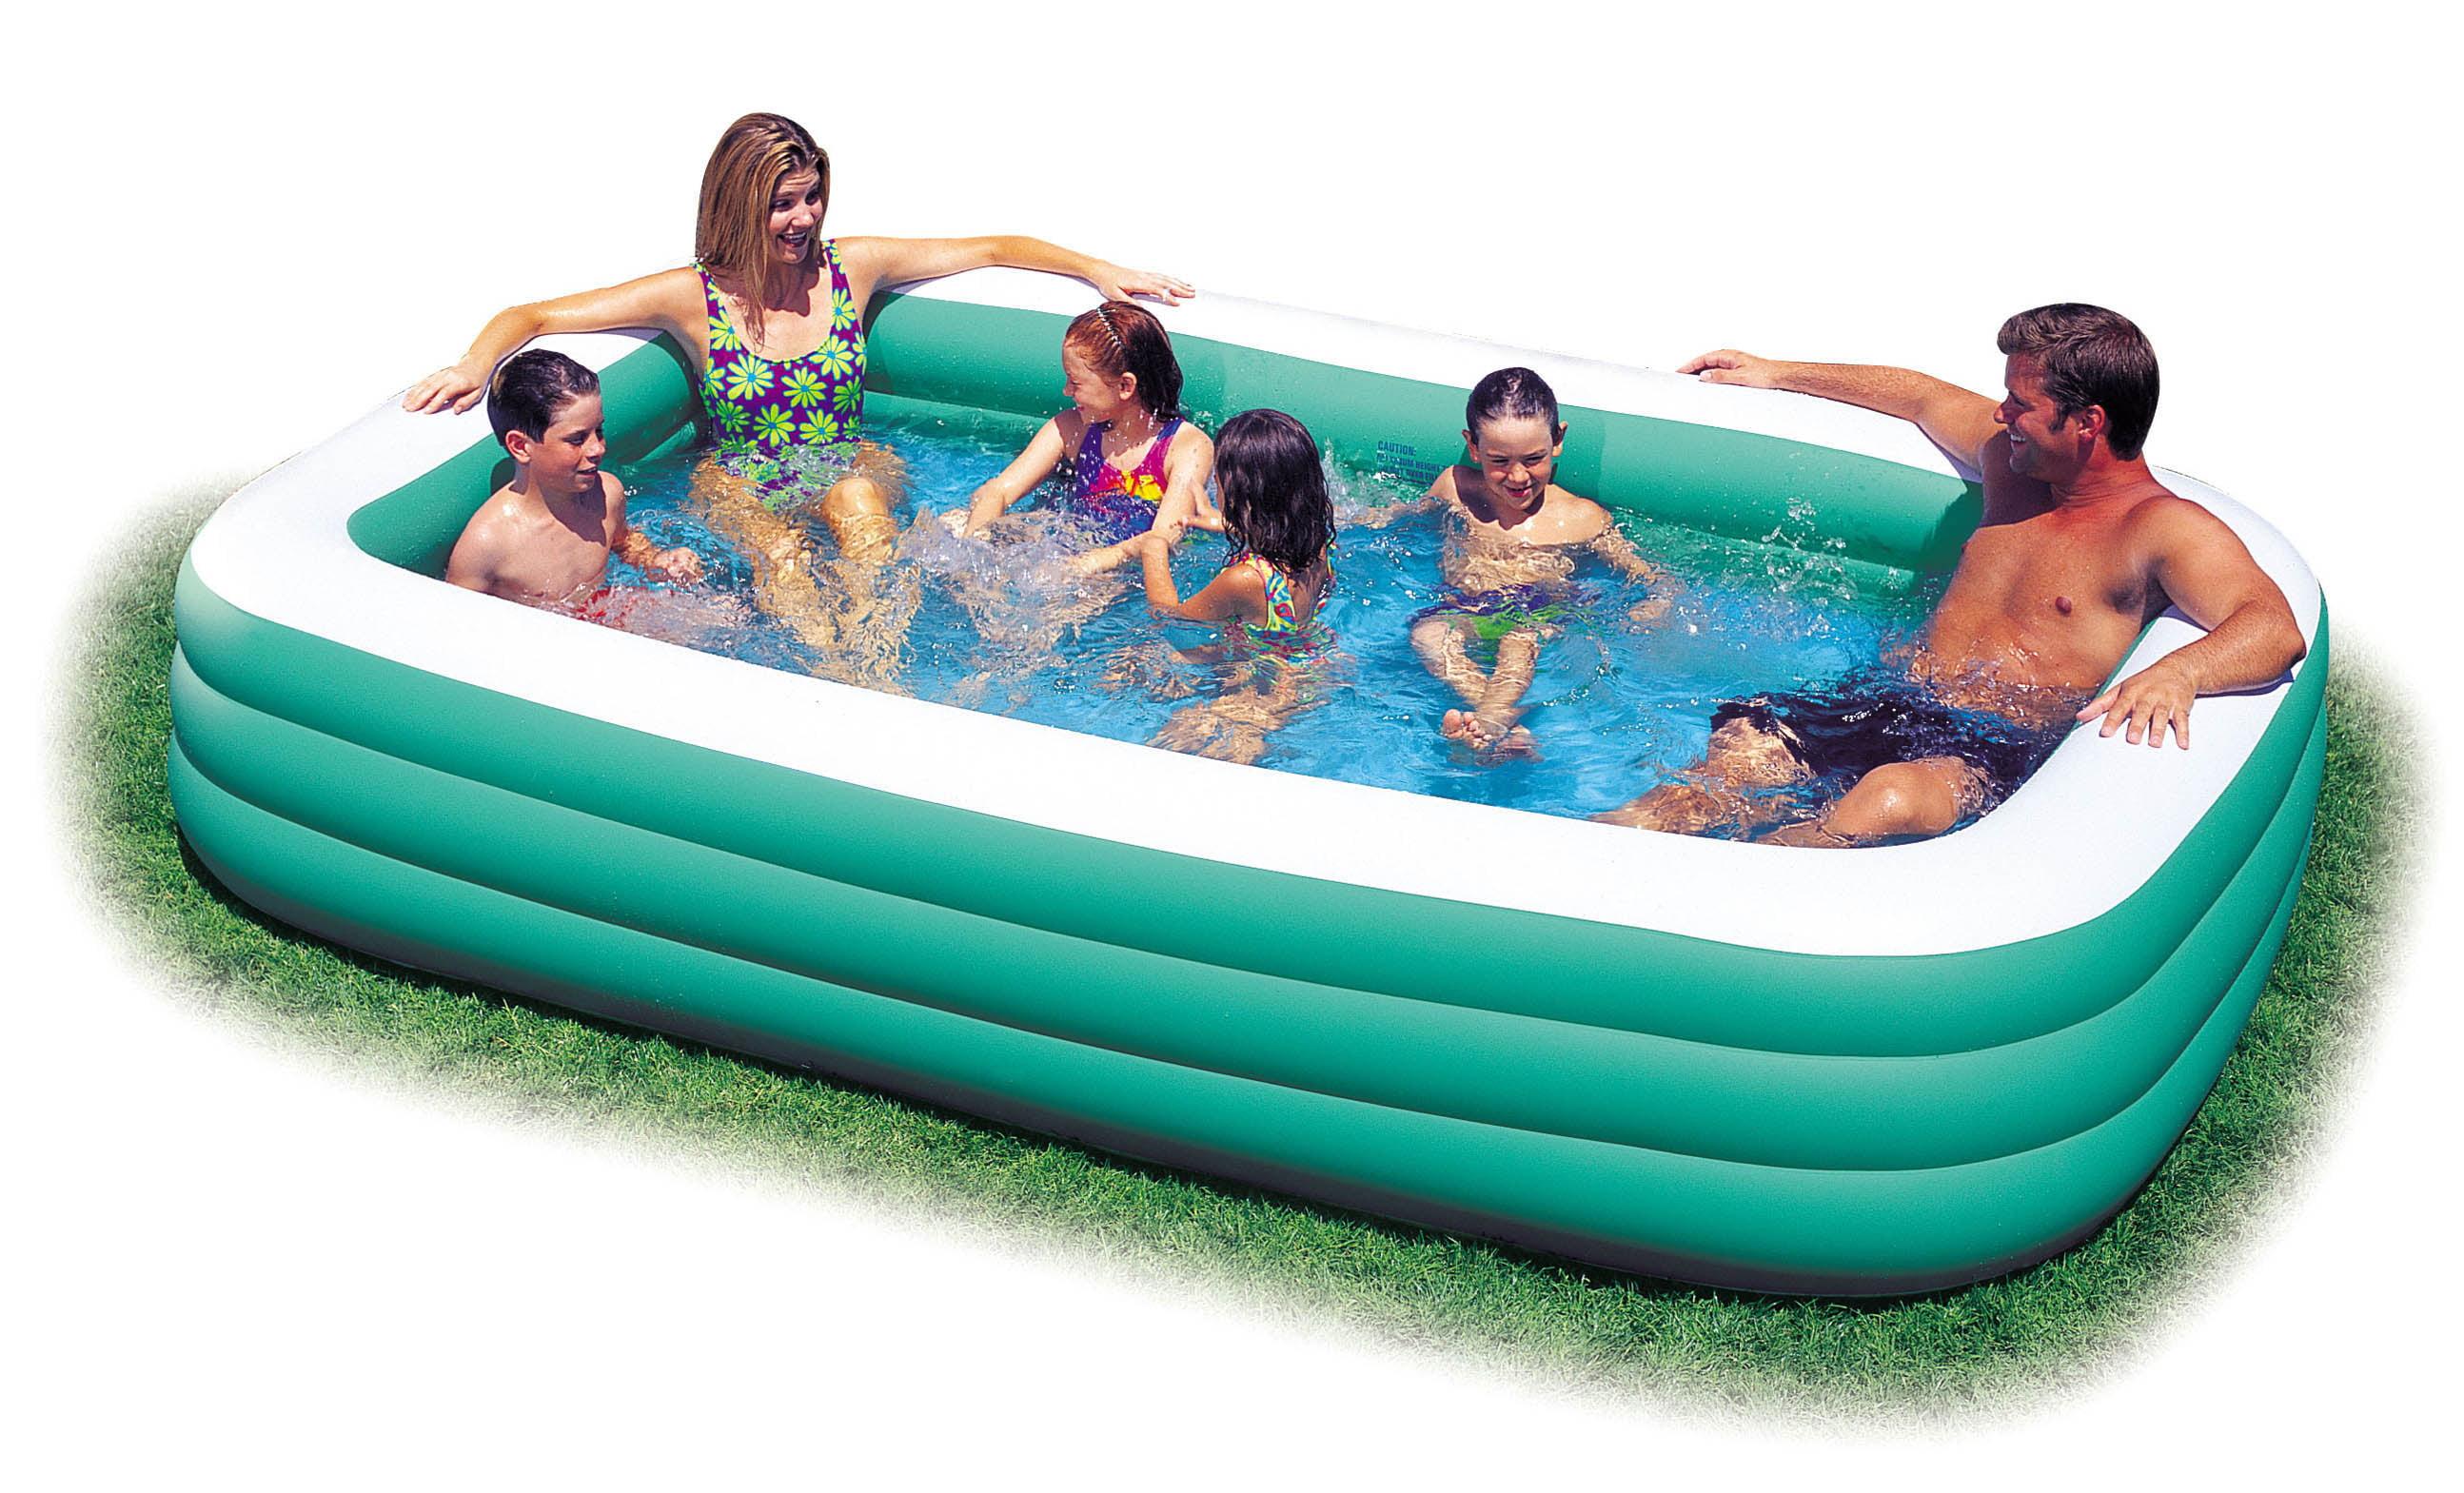 Petite piscine gonflable intex - Maison mobilier et design